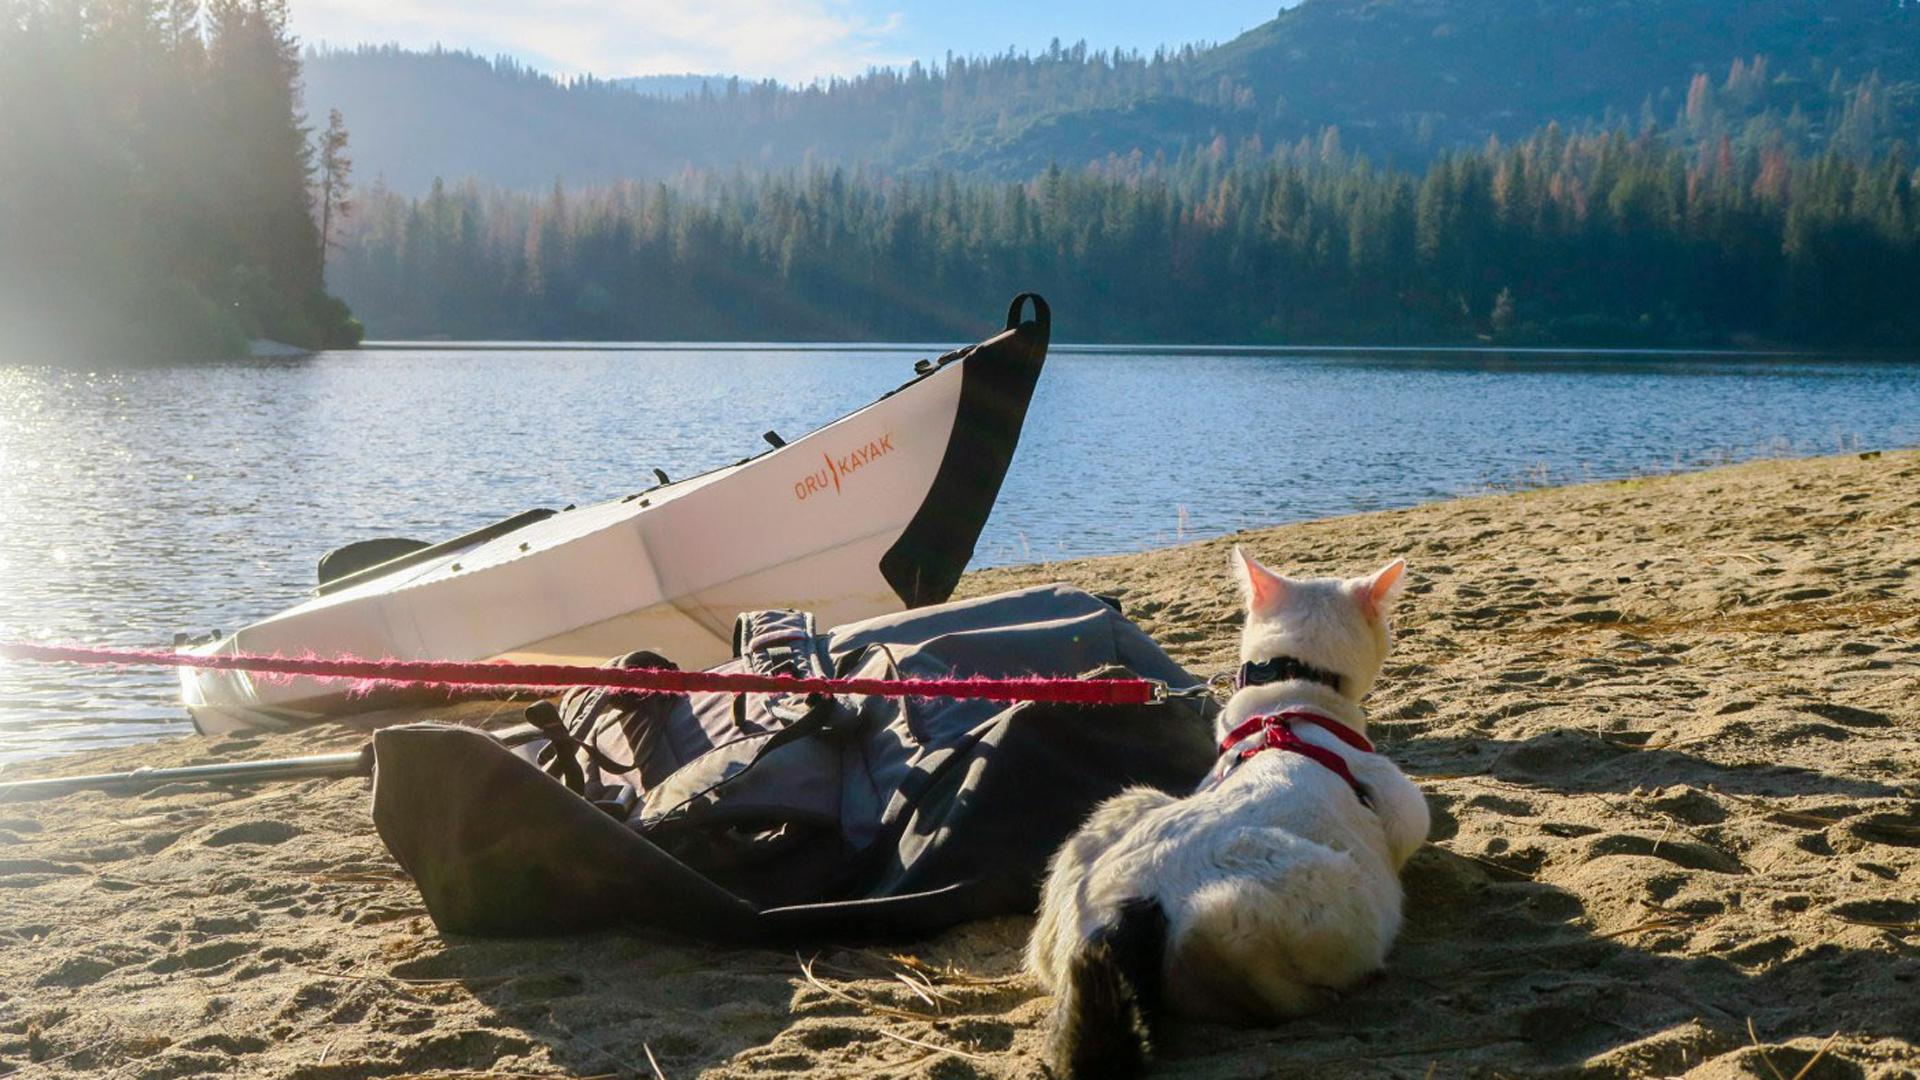 Disfruta en profundidad de descansar al sol y contemplar el paisaje mientras piensa con qué aventura se topará mañana (adventurecats)